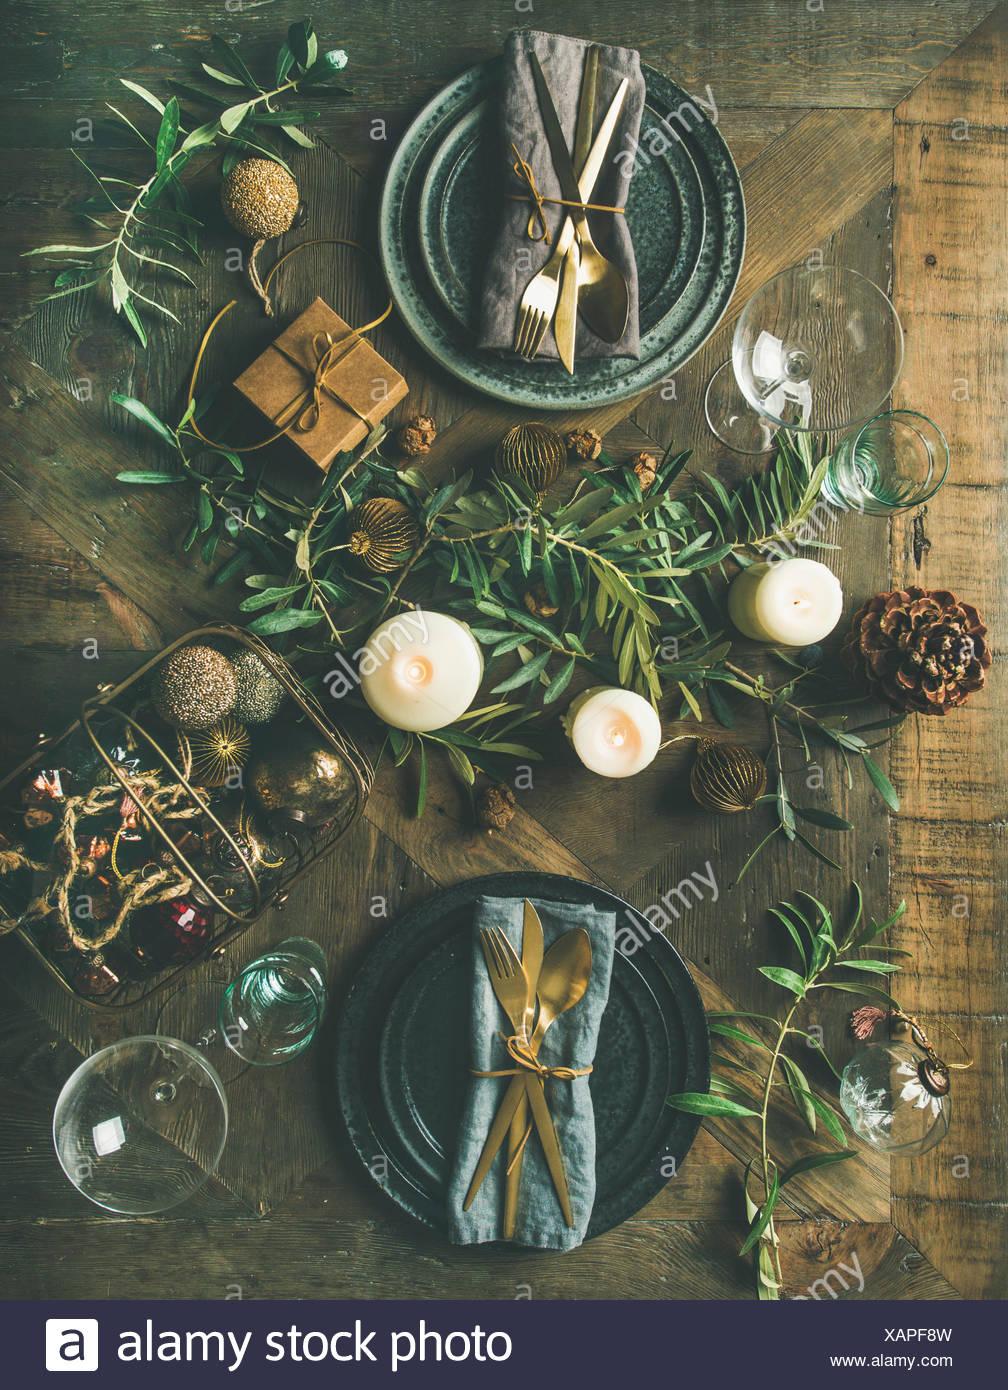 Weihnachten oder Silvester Urlaub Tabelle einstellen. Flachbild-lay von Teller, Besteck, Gläser, Kerzen, Olivenzweige und Spielzeug festliche Dekorationen über Stockbild